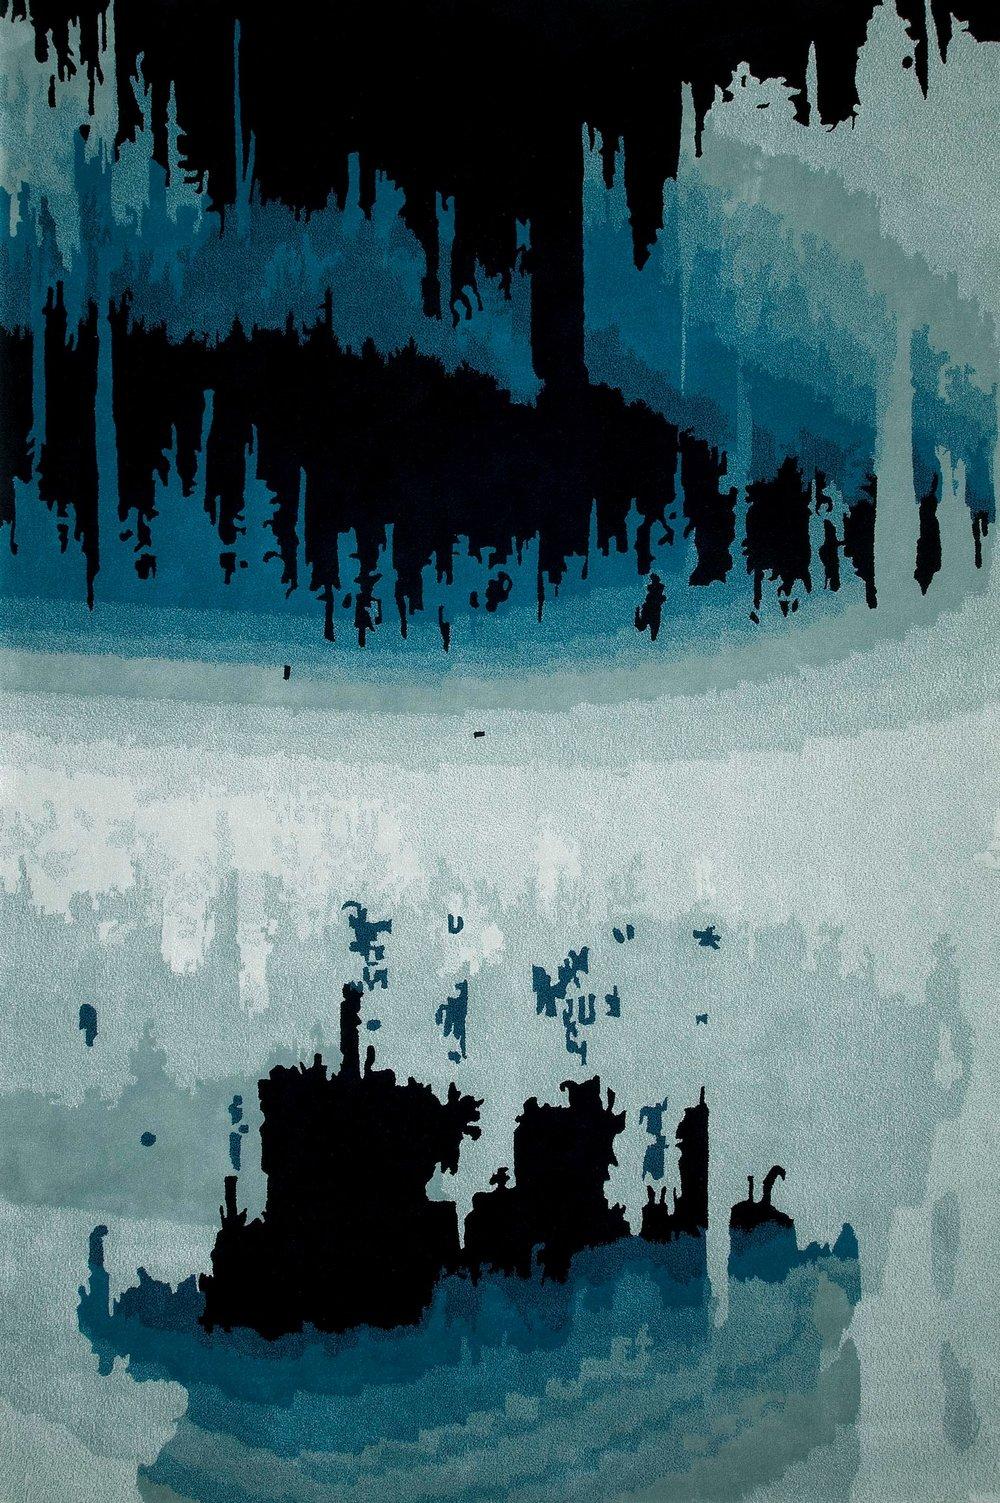 2010 WINNER - Dusk by Lachlan Allen